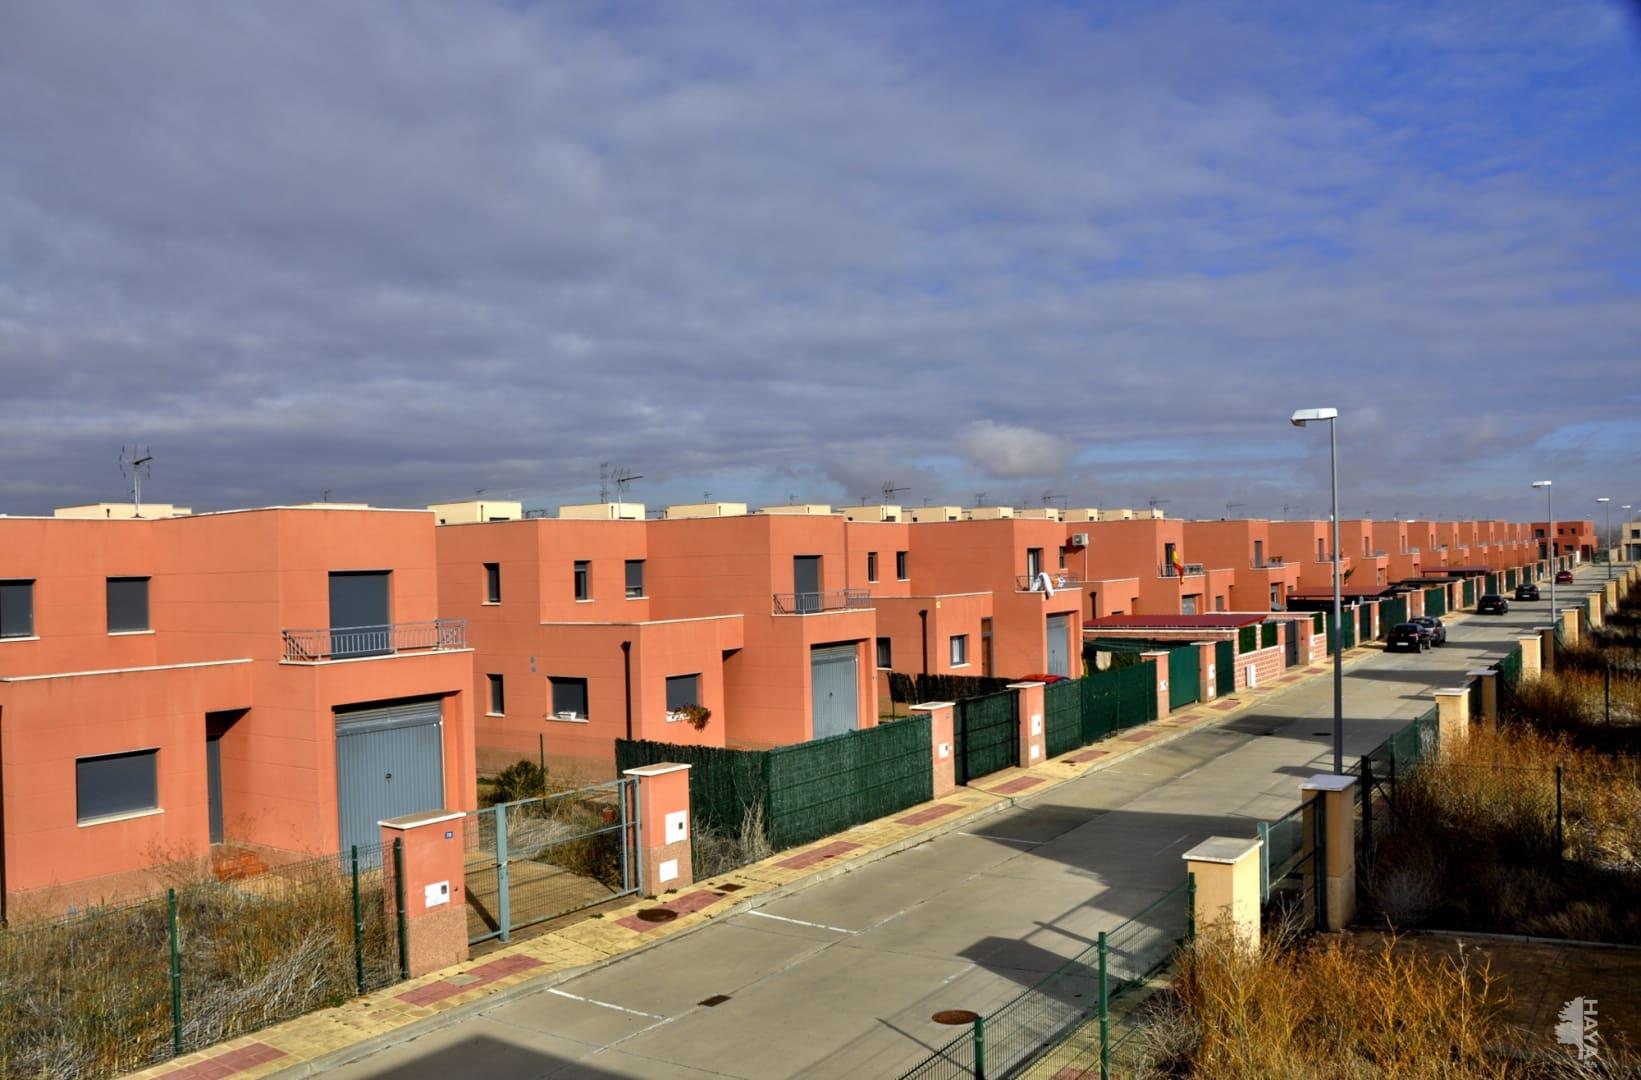 Casa en venta en Urbanización El Palomar, Grijota, Palencia, Urbanización El Tiento, 99.250 €, 3 habitaciones, 2 baños, 164 m2